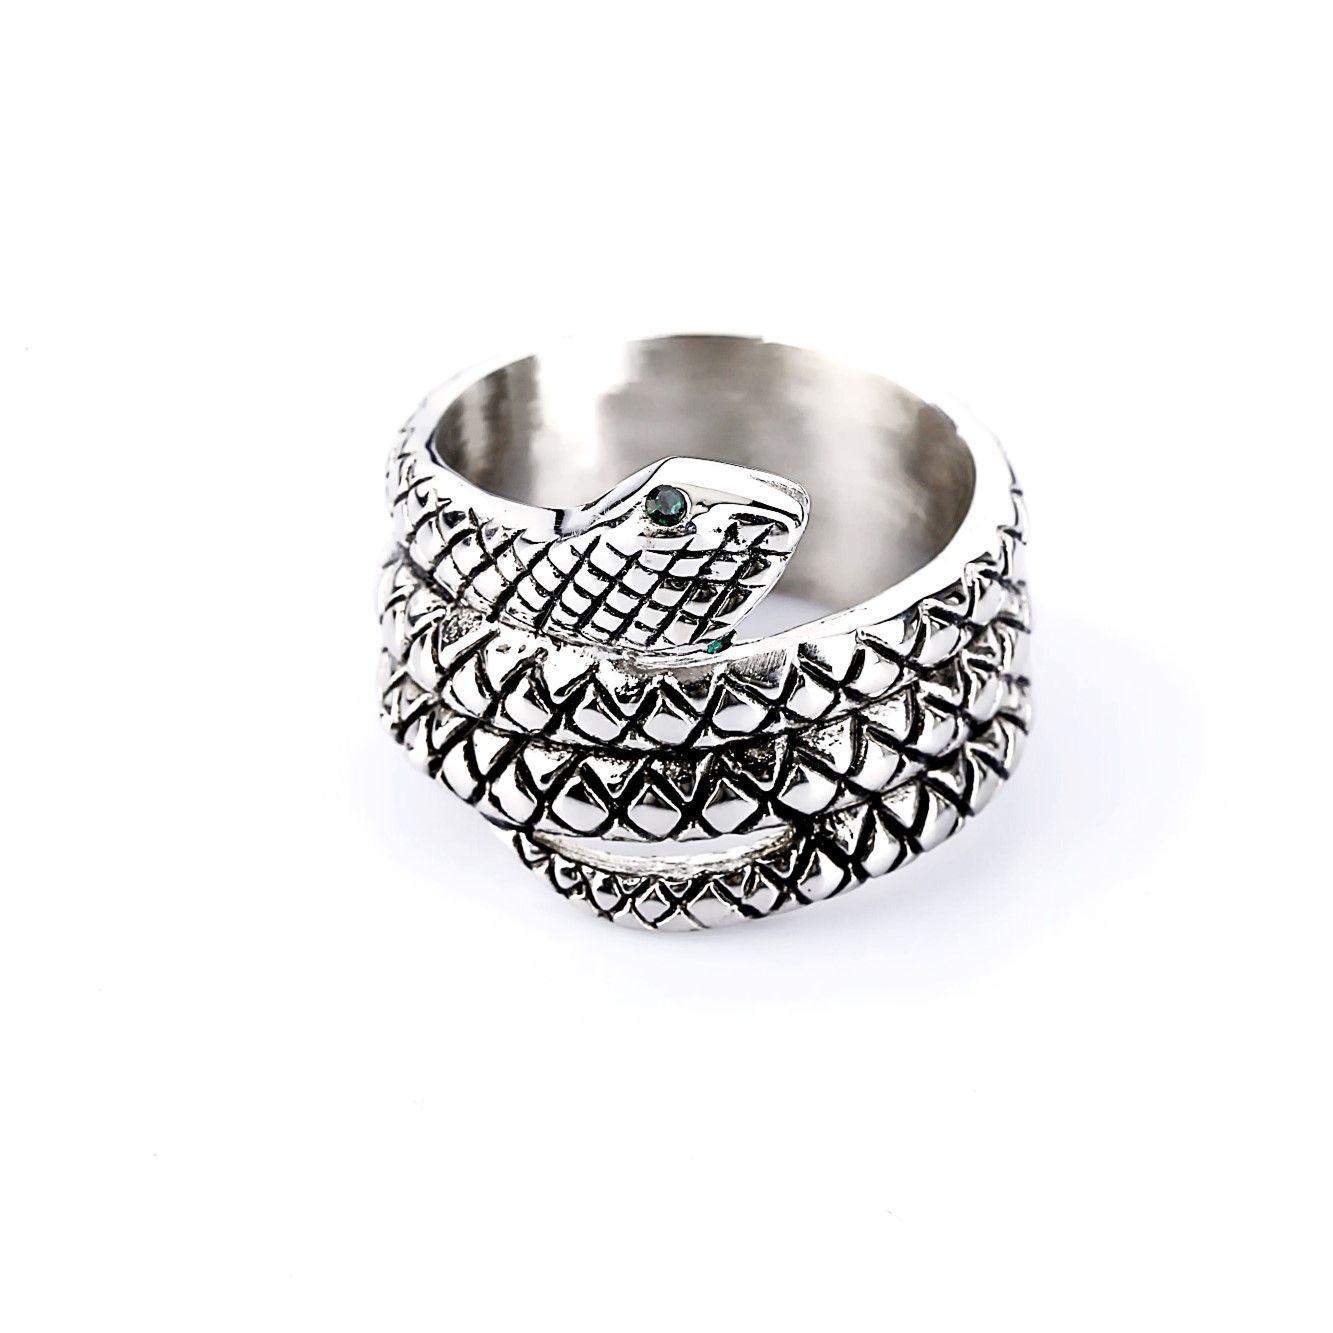 Новый персональный дизайн Penis Ring Glans Ring Стиль змеиной головы Металл Мужское целомудренное устройство Мужское кольцо Кобры